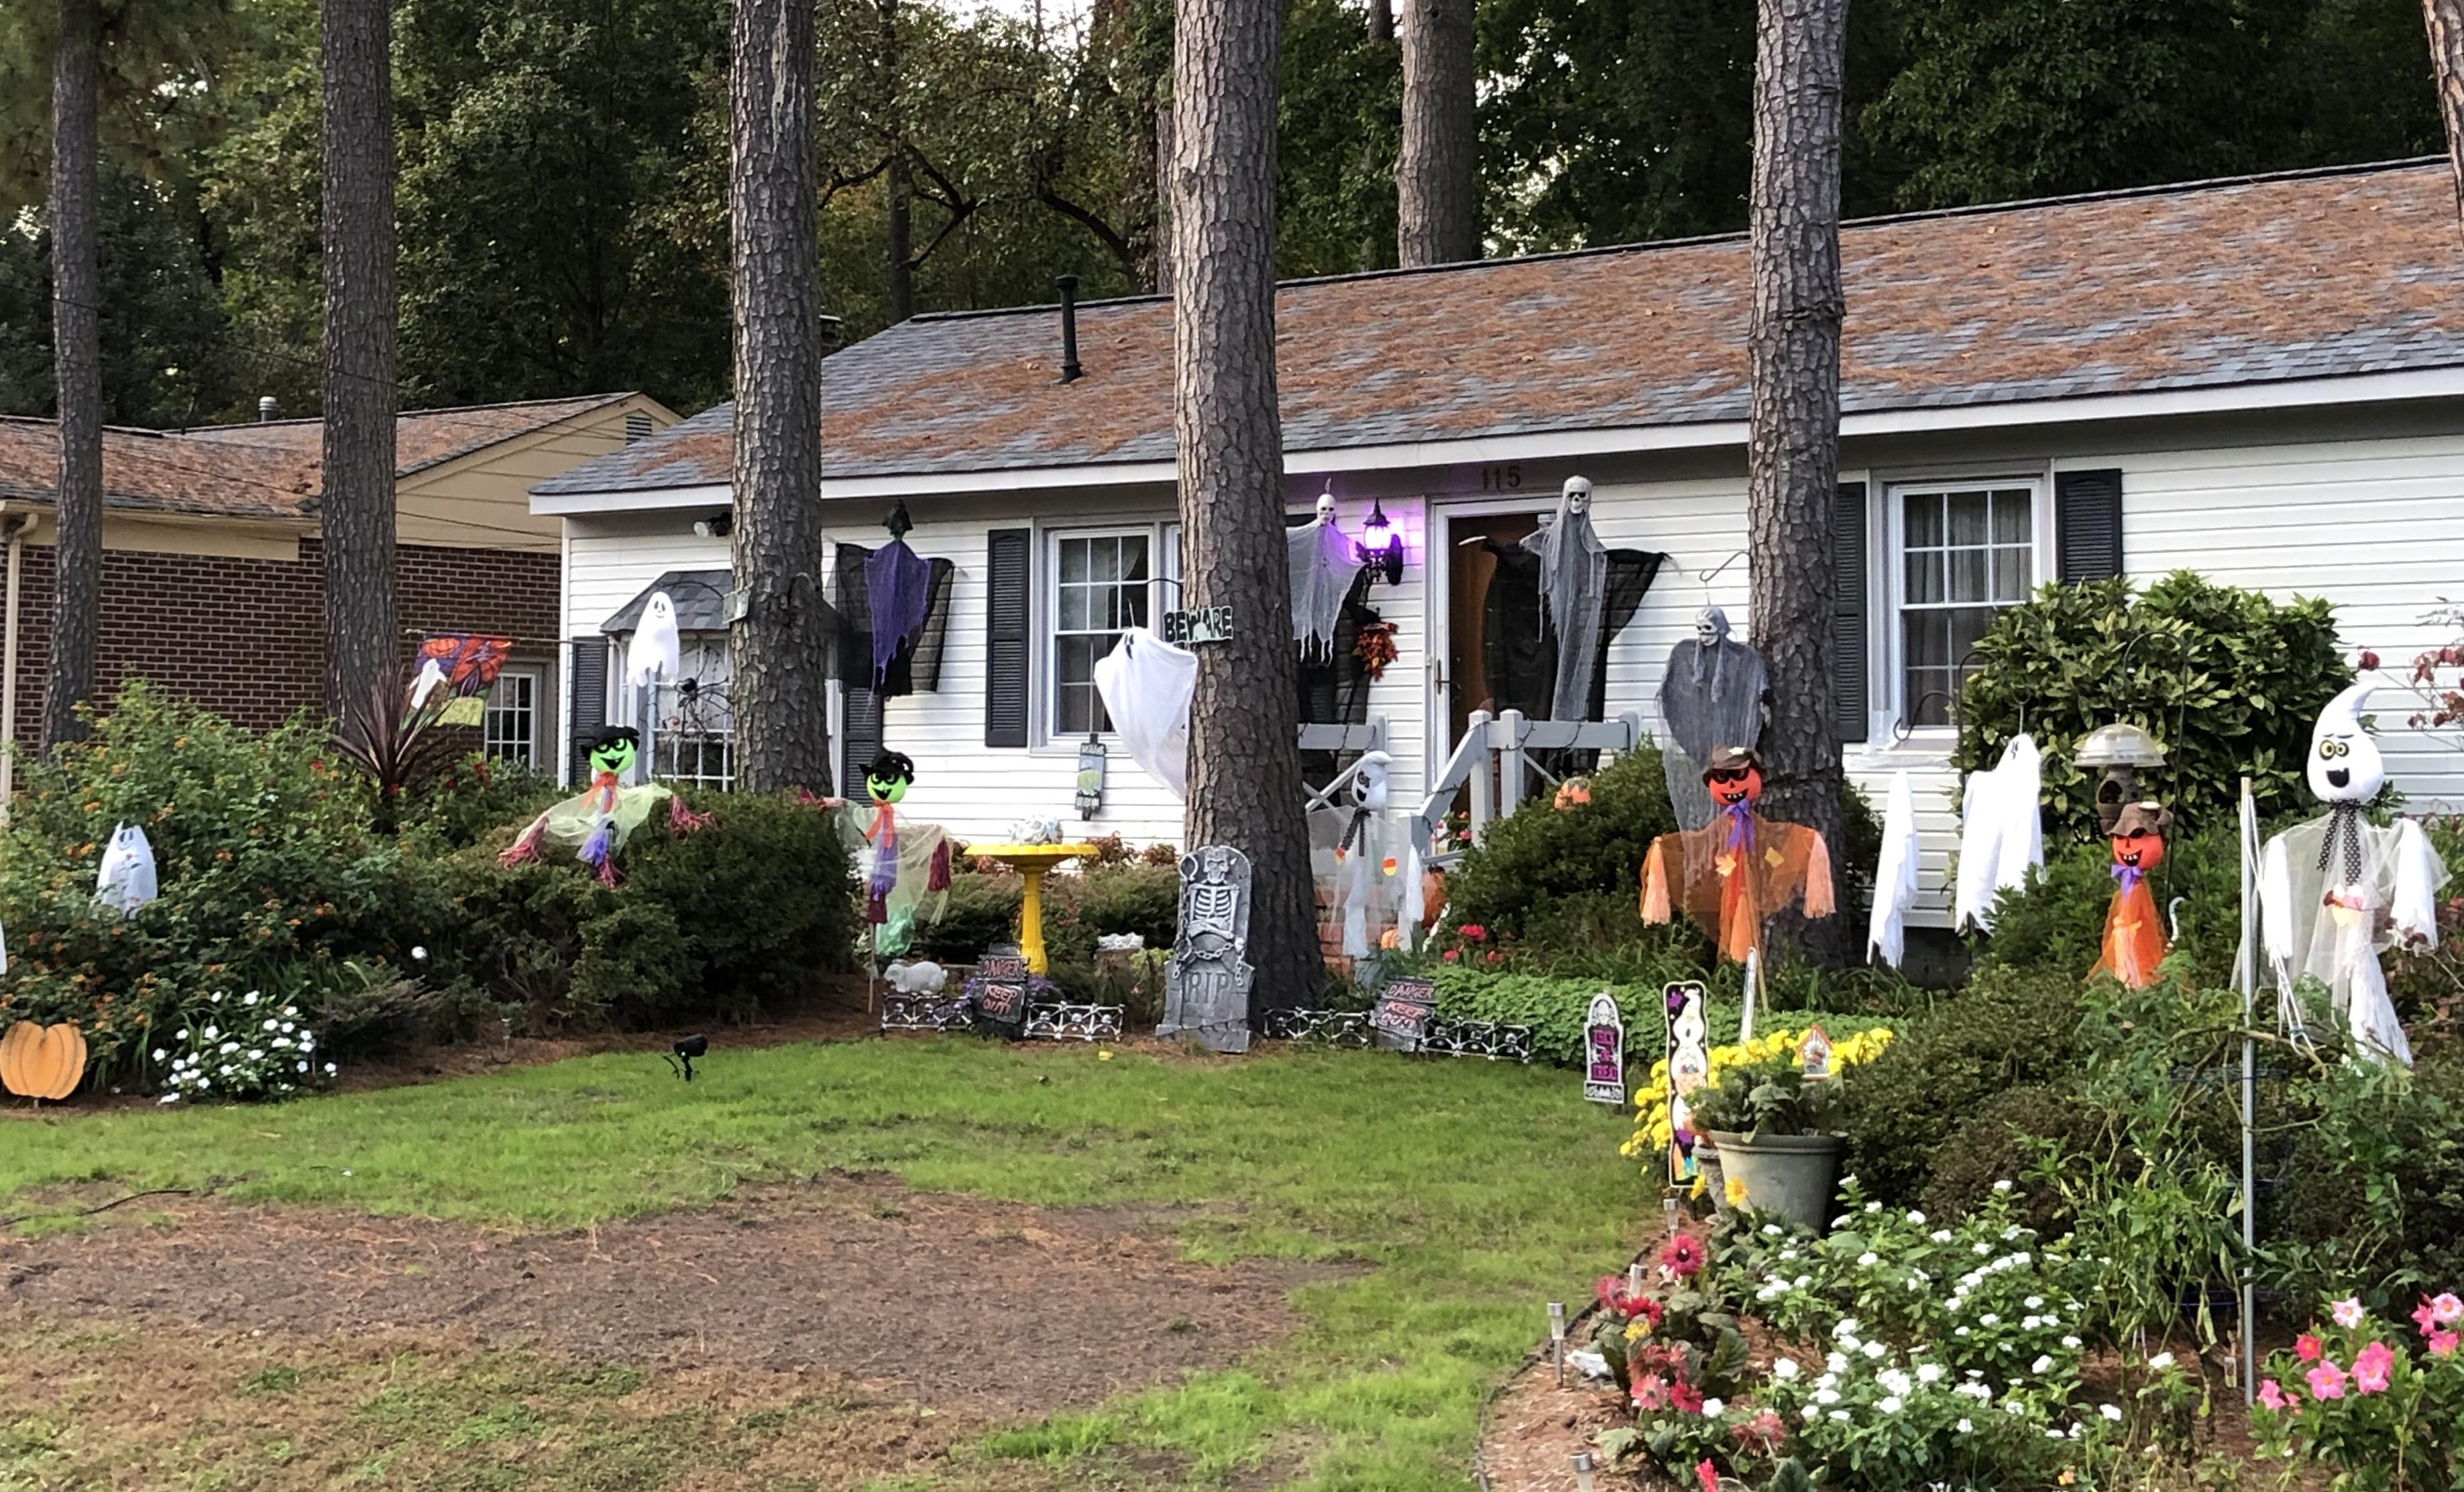 버지니아주 요크타운의 한 가정이 할로윈을 기념하기 위해 집 앞마당을 유령 인형 등으로 장식했다. 사진, 김응선 목사, 연합감리교뉴스.